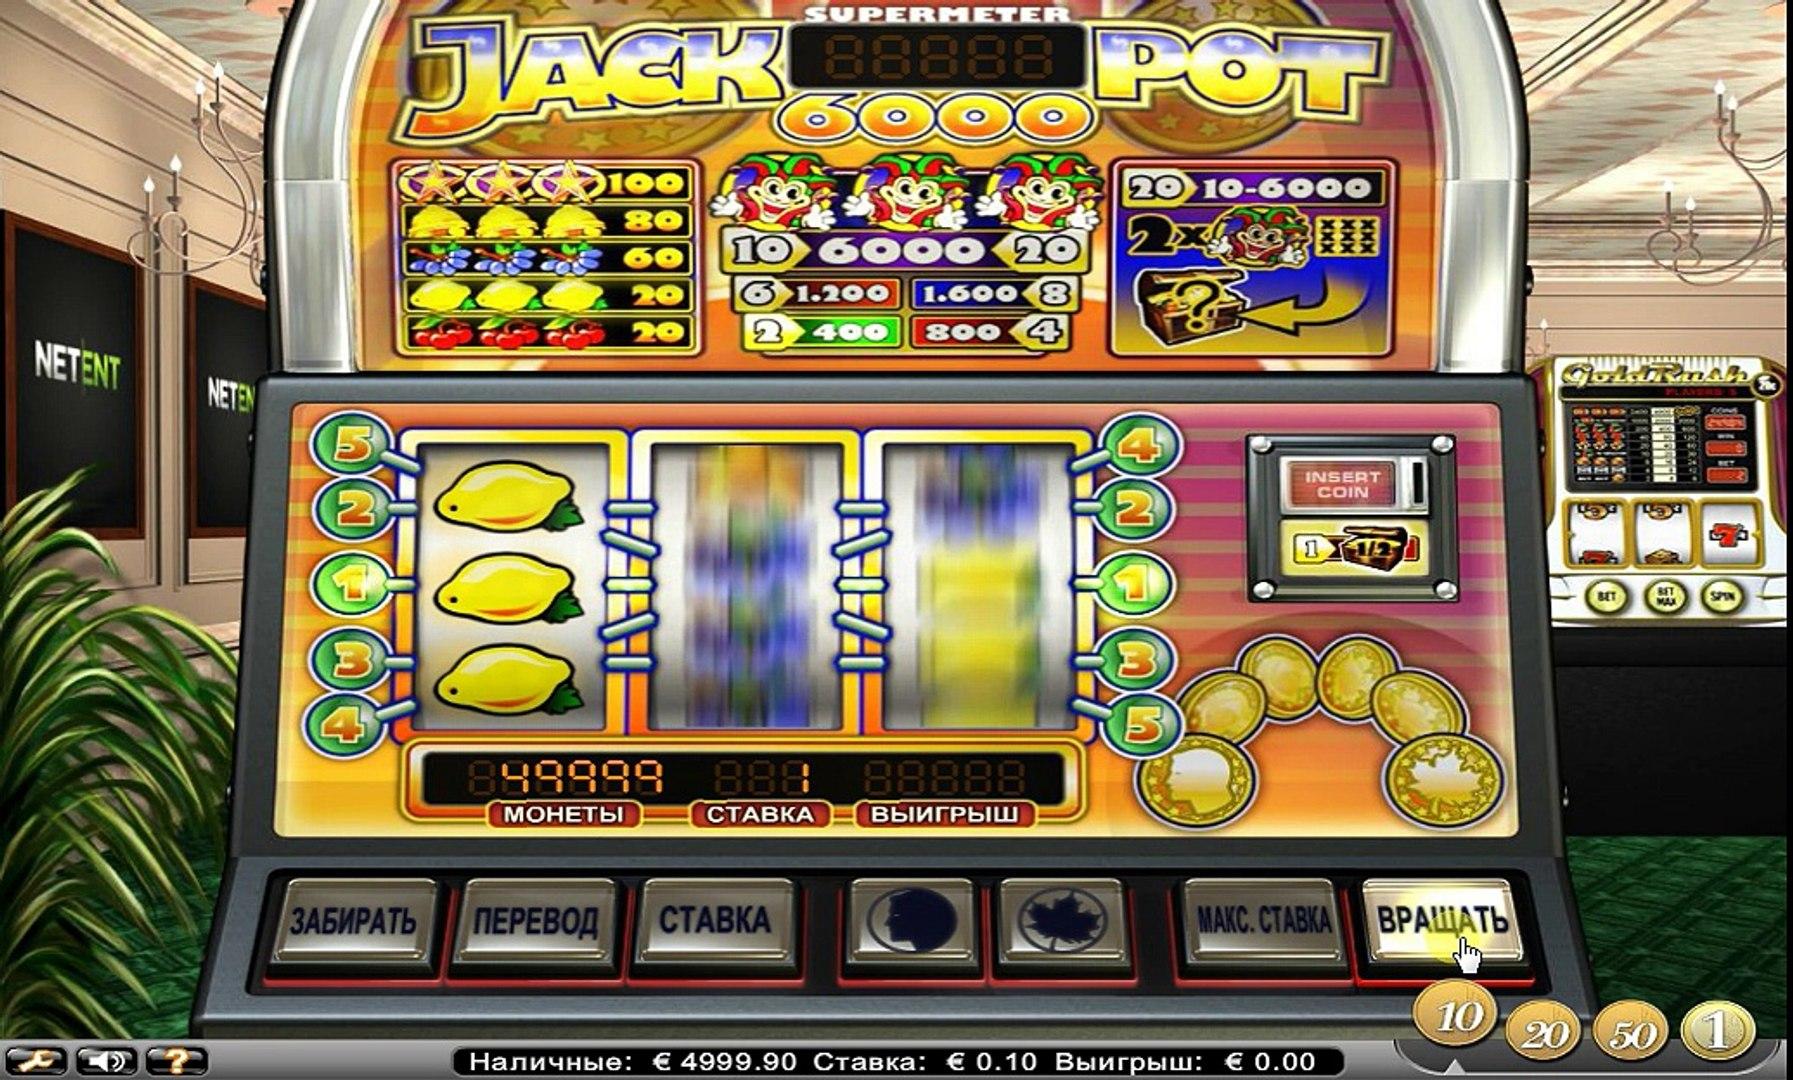 Jackpot 6000 игровые автоматы играть в интернет игры казино онлайн бесплатно